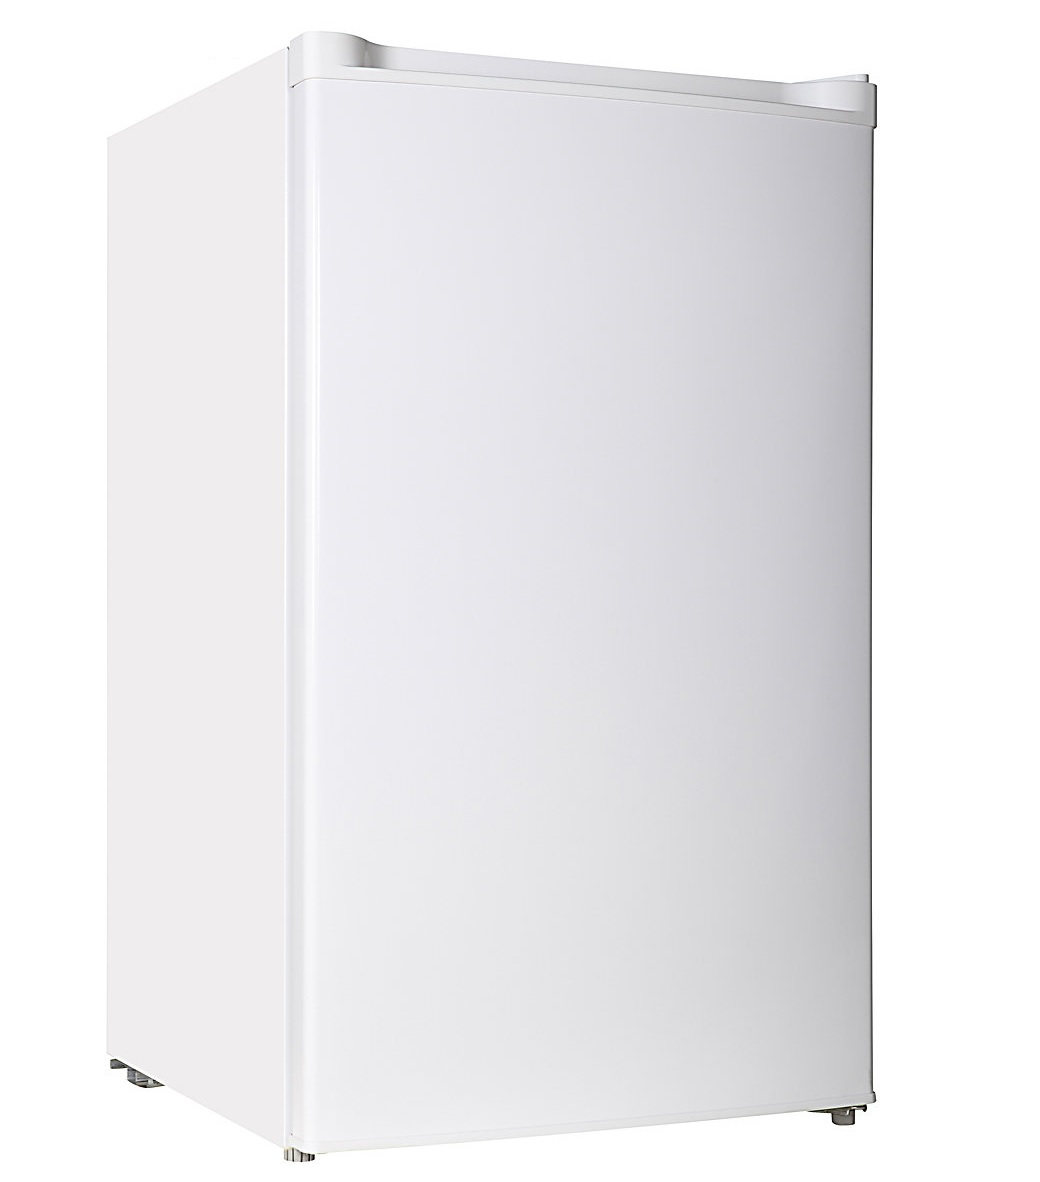 Palsonic PW92SFZ Freezer